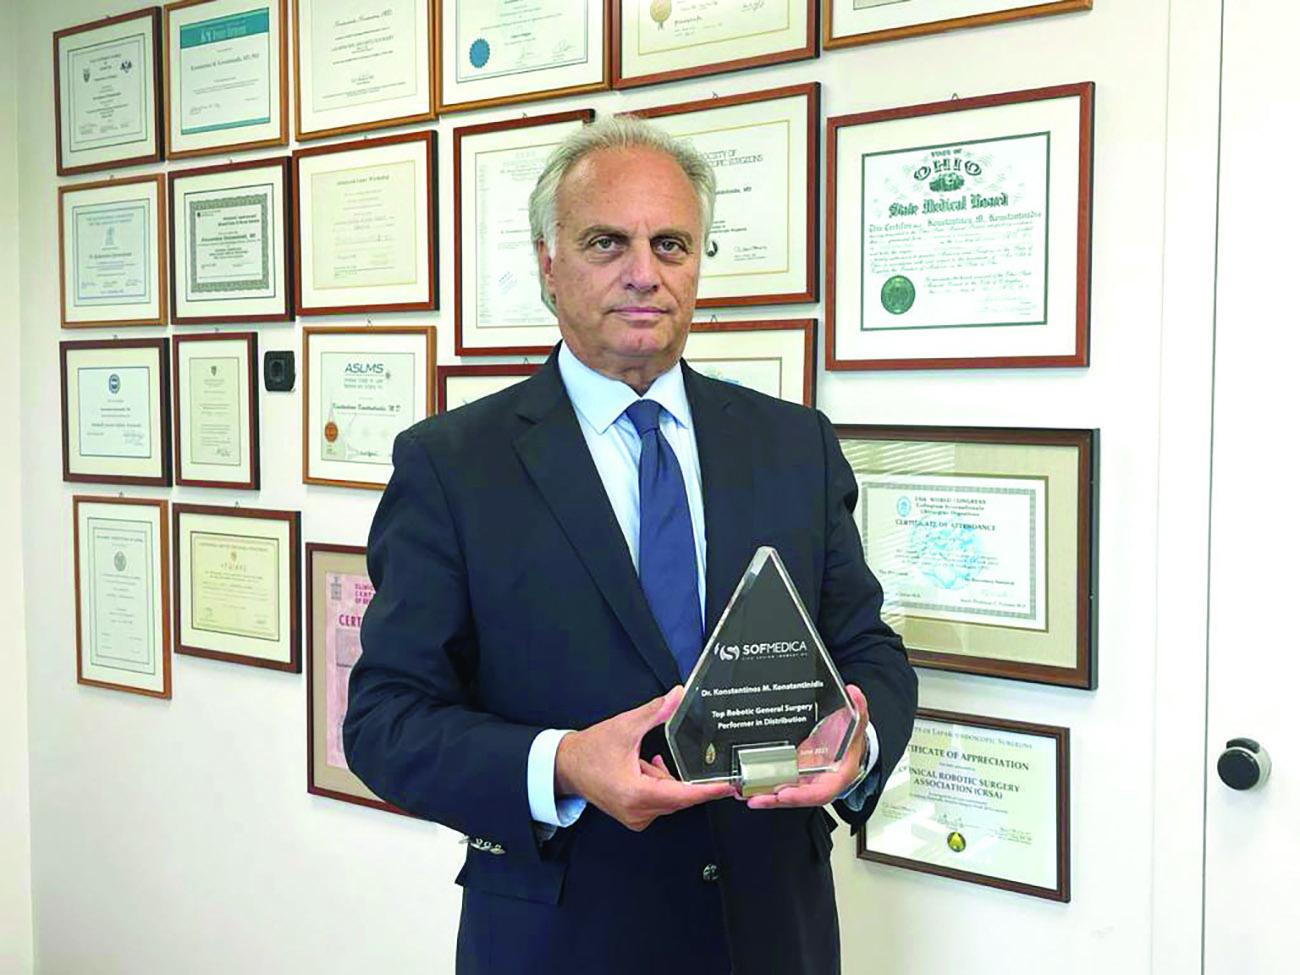 Δρ. Κωνσταντίνος Μ. Κωνσταντινίδης: Κορυφαίος Ρομποτικός Γενικός Χειρουργός στον κόσμο